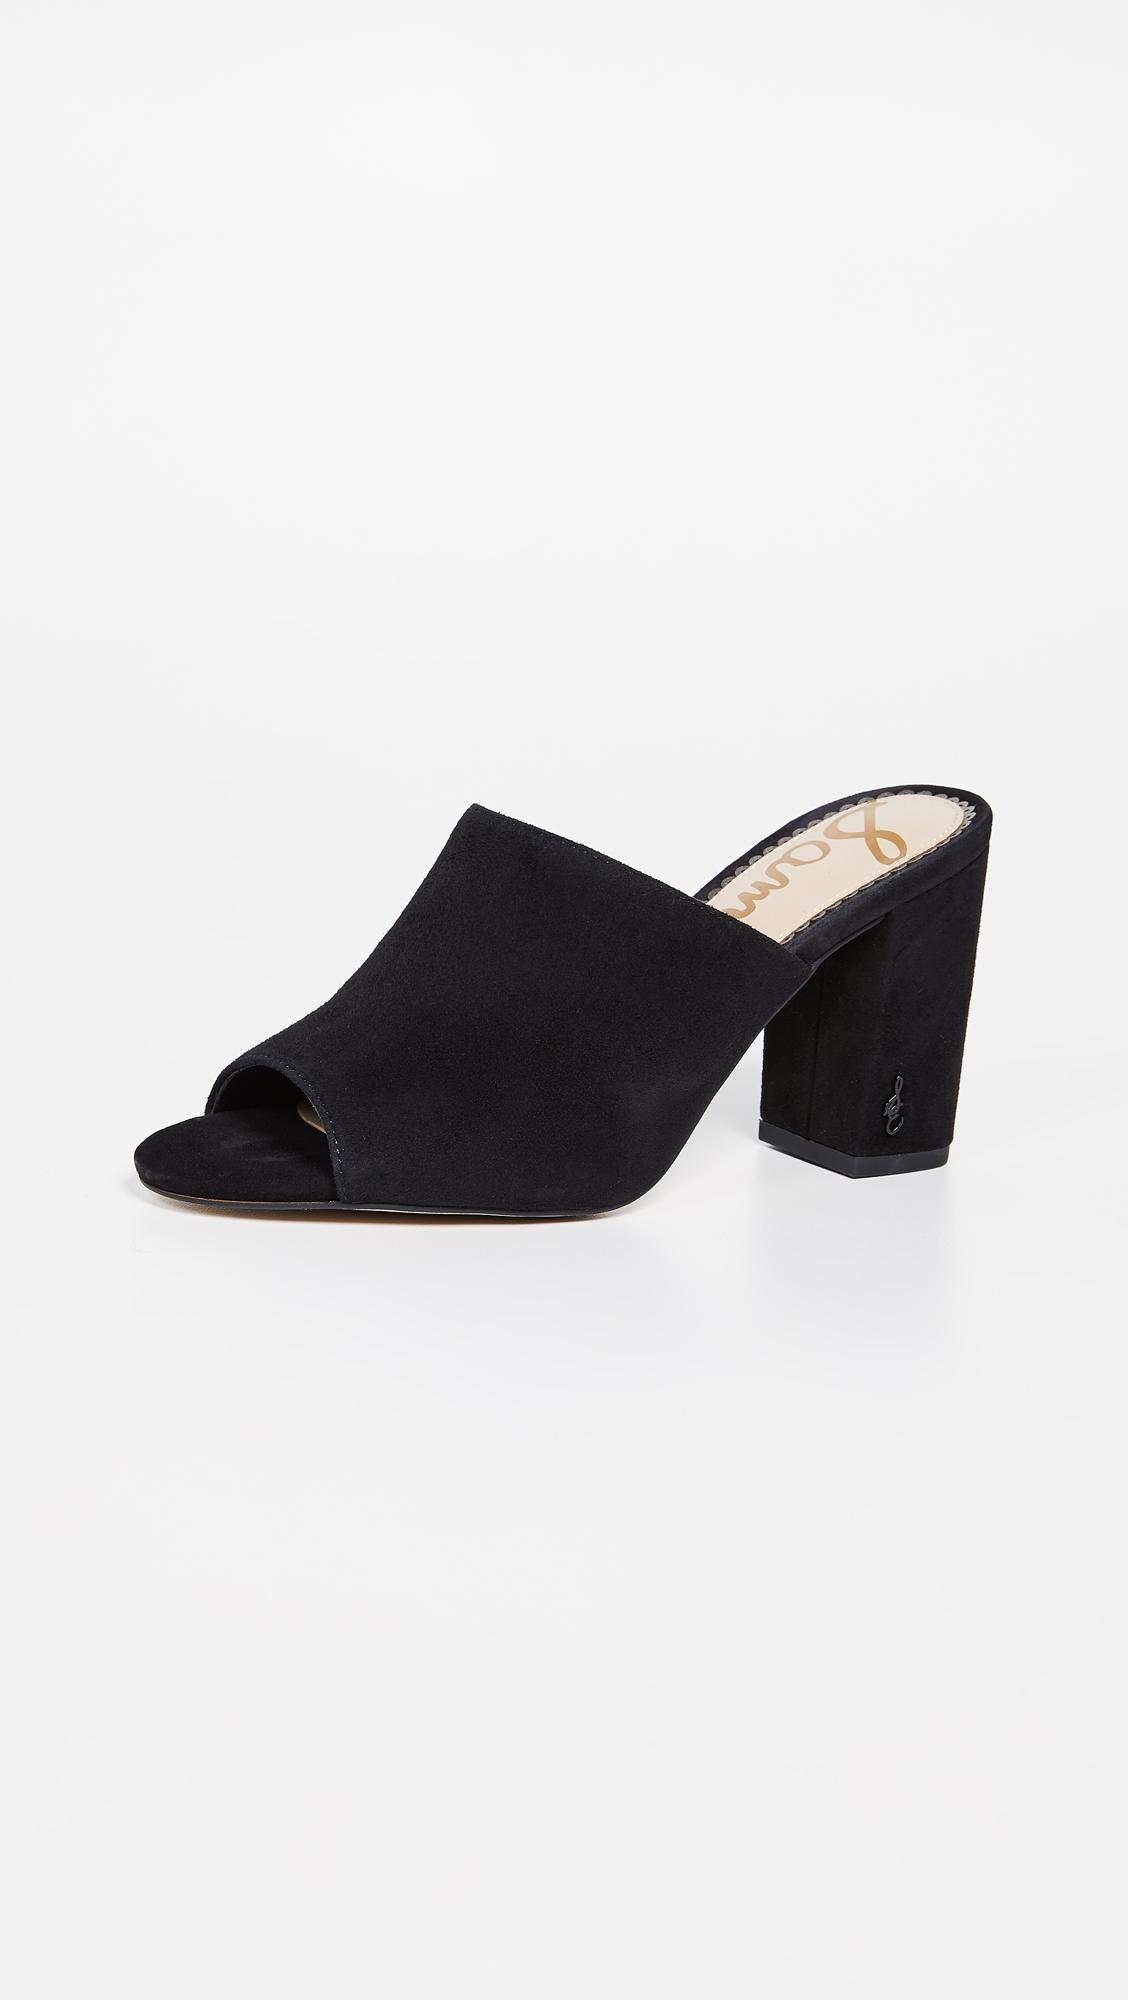 1ca1a90c7f1 Orlie Slide Sandals in 2019   Products   Slide sandals, Sandals ...